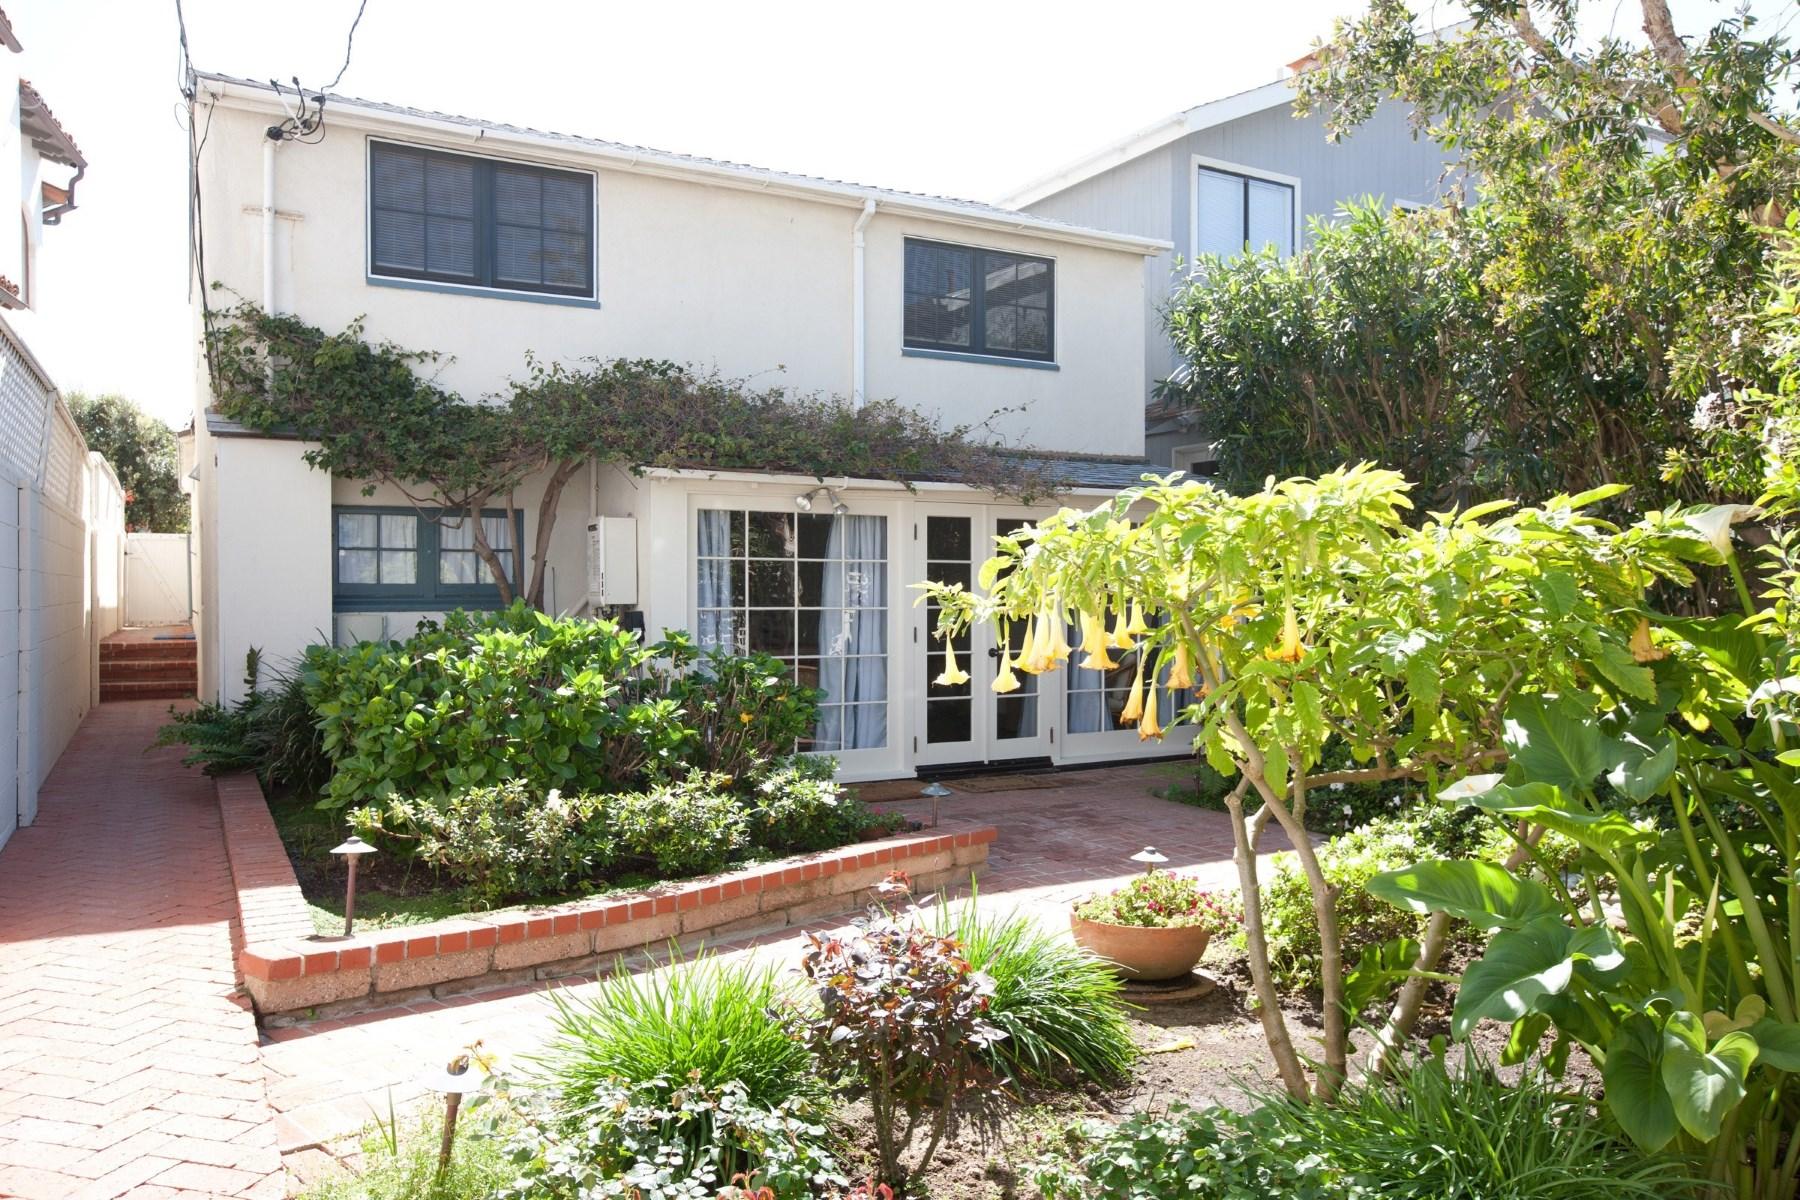 一戸建て のために 賃貸 アット MALIBU COLONY COTTAGE FOR LEASE 23664 Malibu Colony Road Malibu, カリフォルニア, 90265 アメリカ合衆国